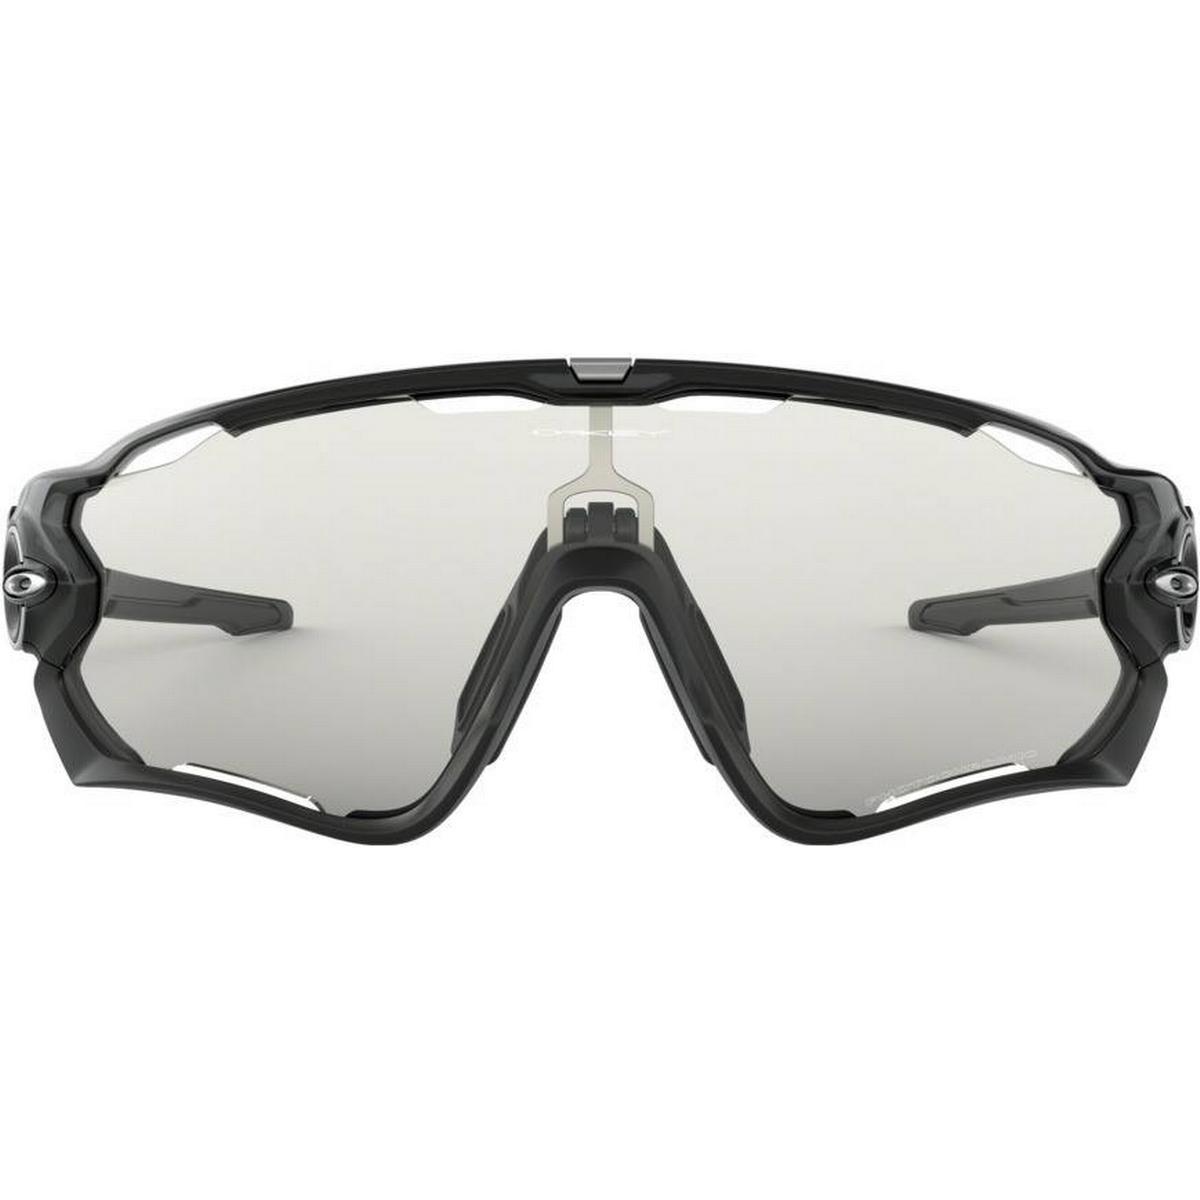 Ventilerade linser Solglasögon Jämför priser på PriceRunner